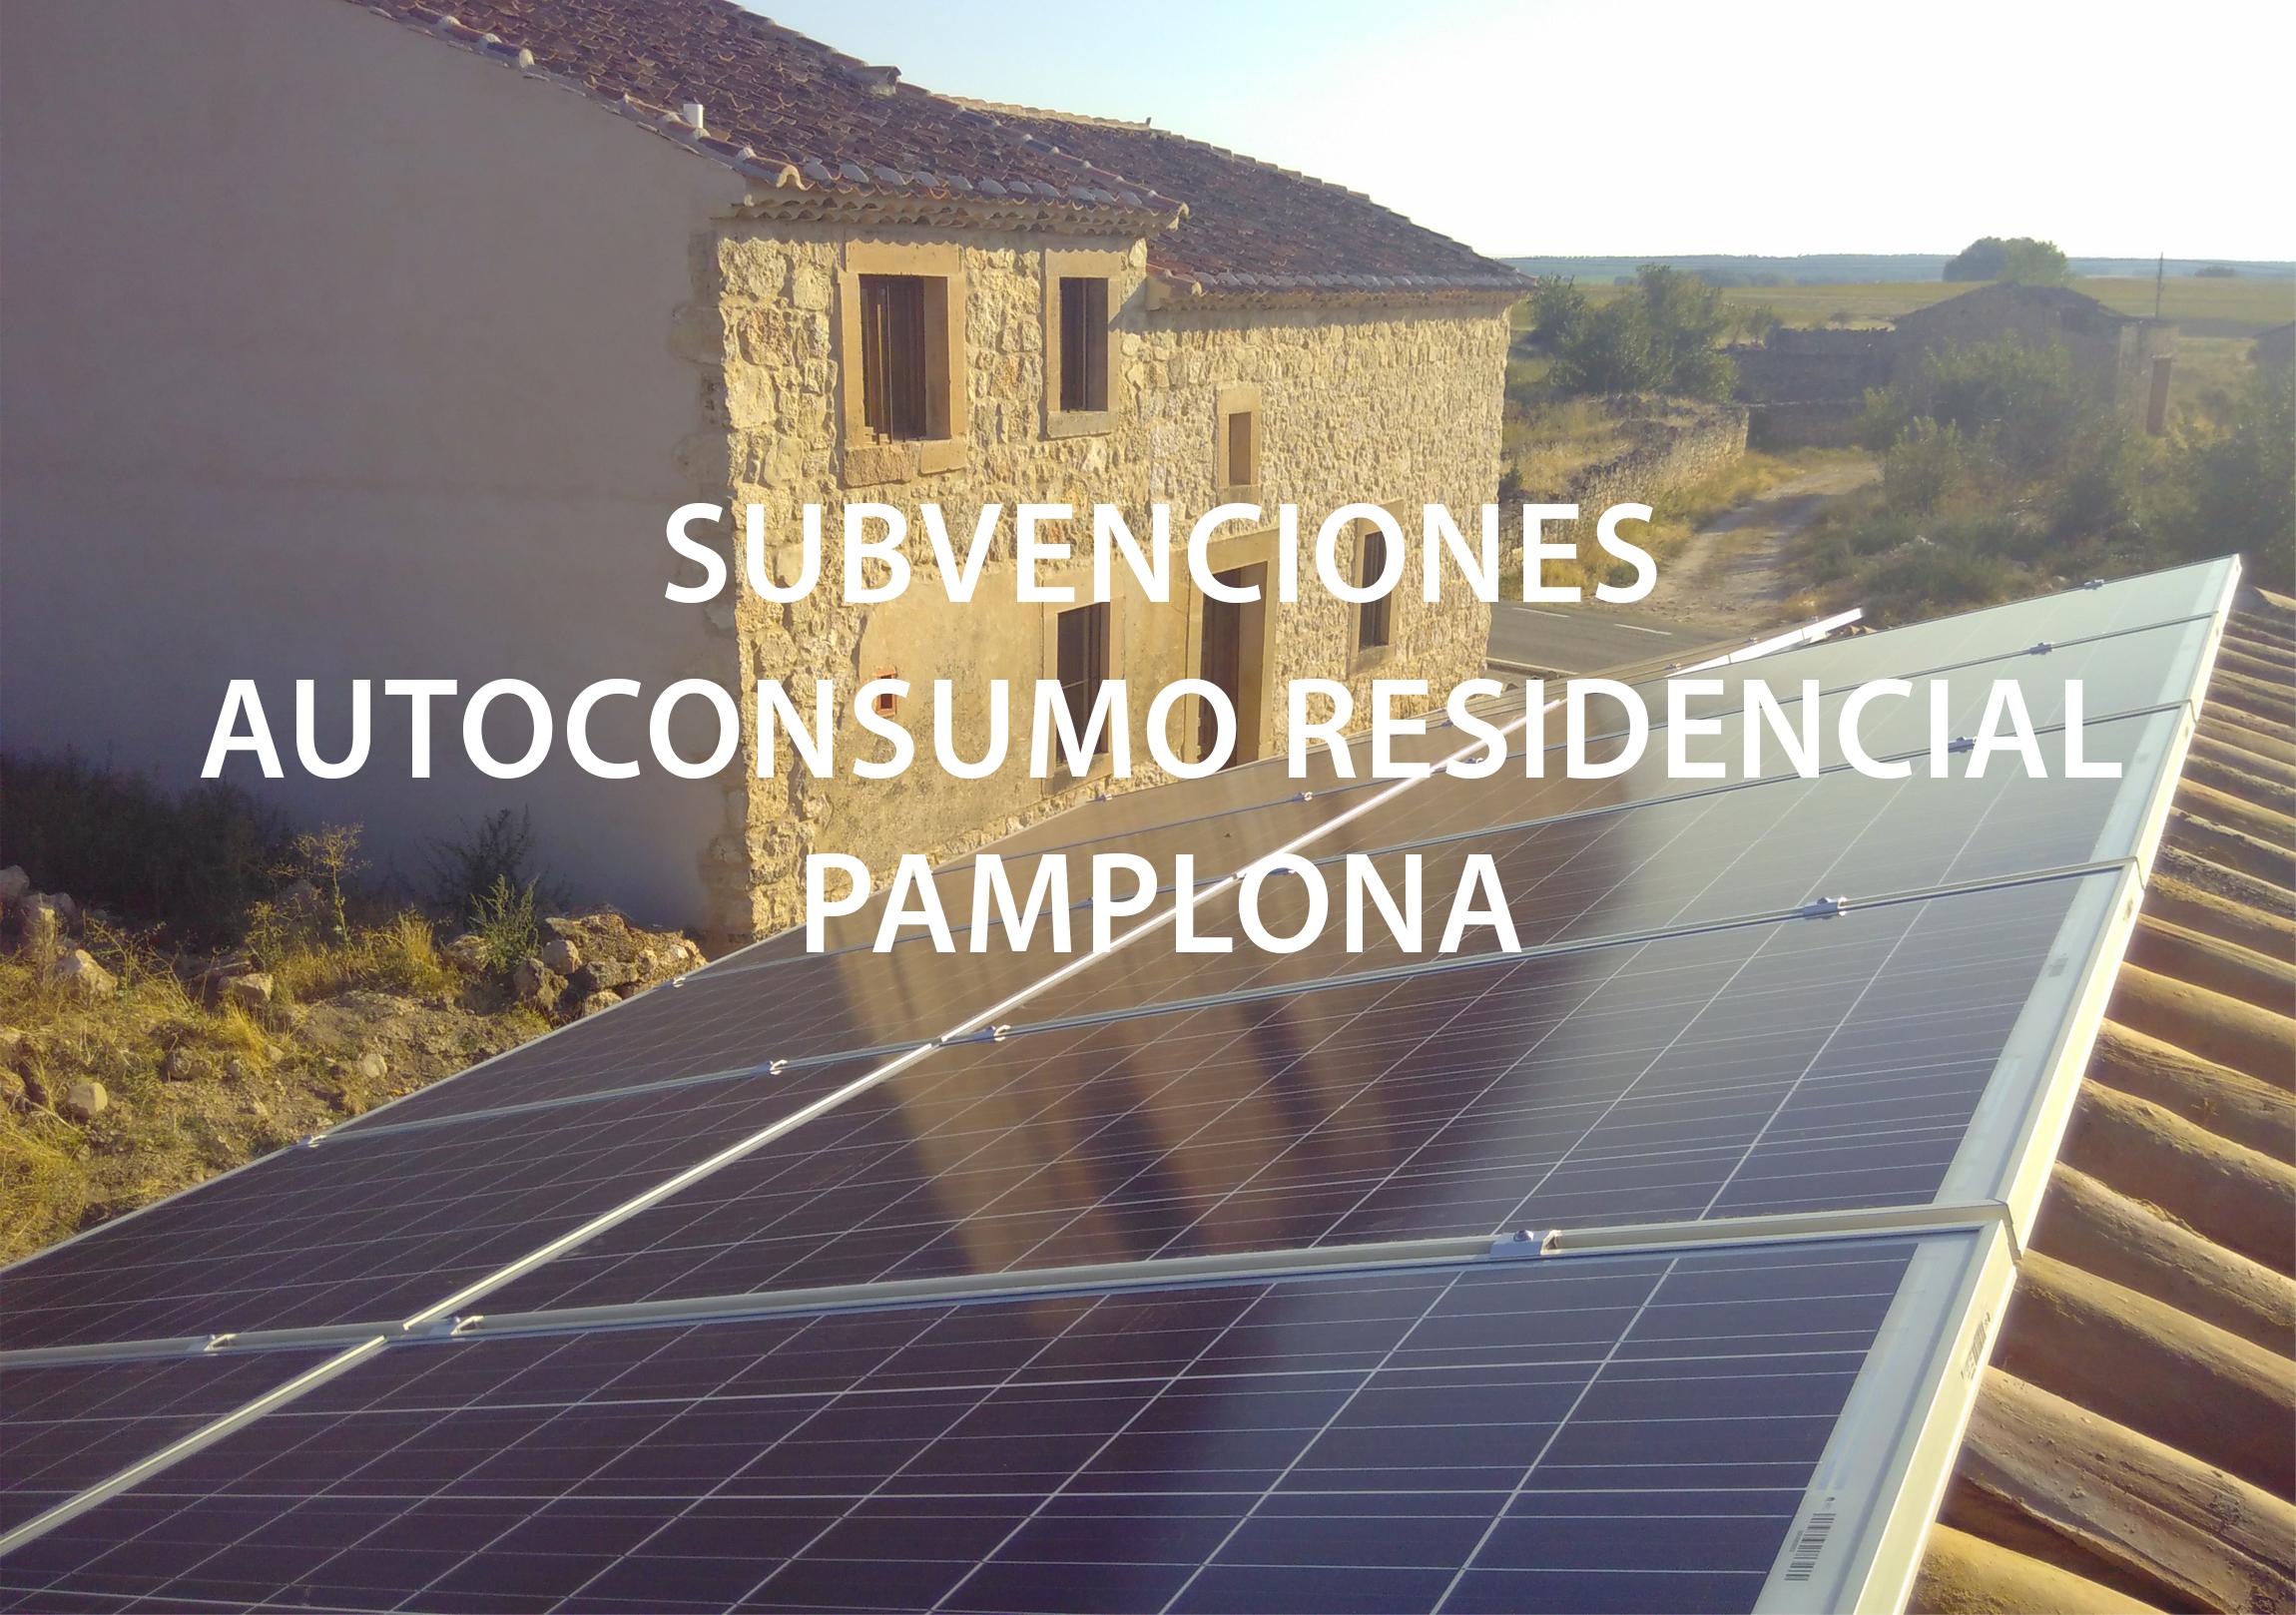 subvenciones pamplona. autoconsumo residencial